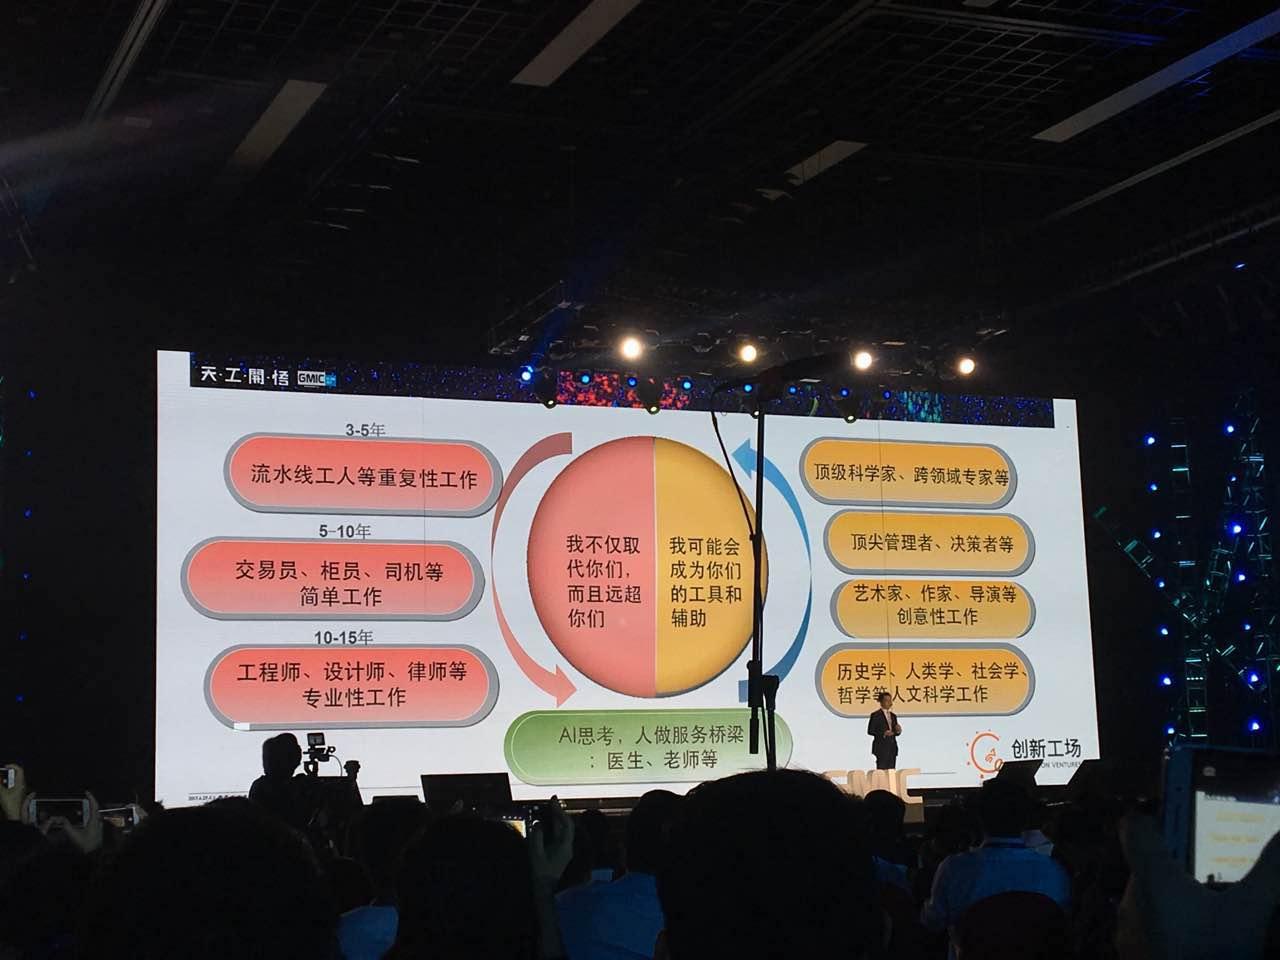 """GMIC2017大会嘉宾演讲:圆桌论坛""""用户体验是VR/AR的关键,创业者还需努力"""""""